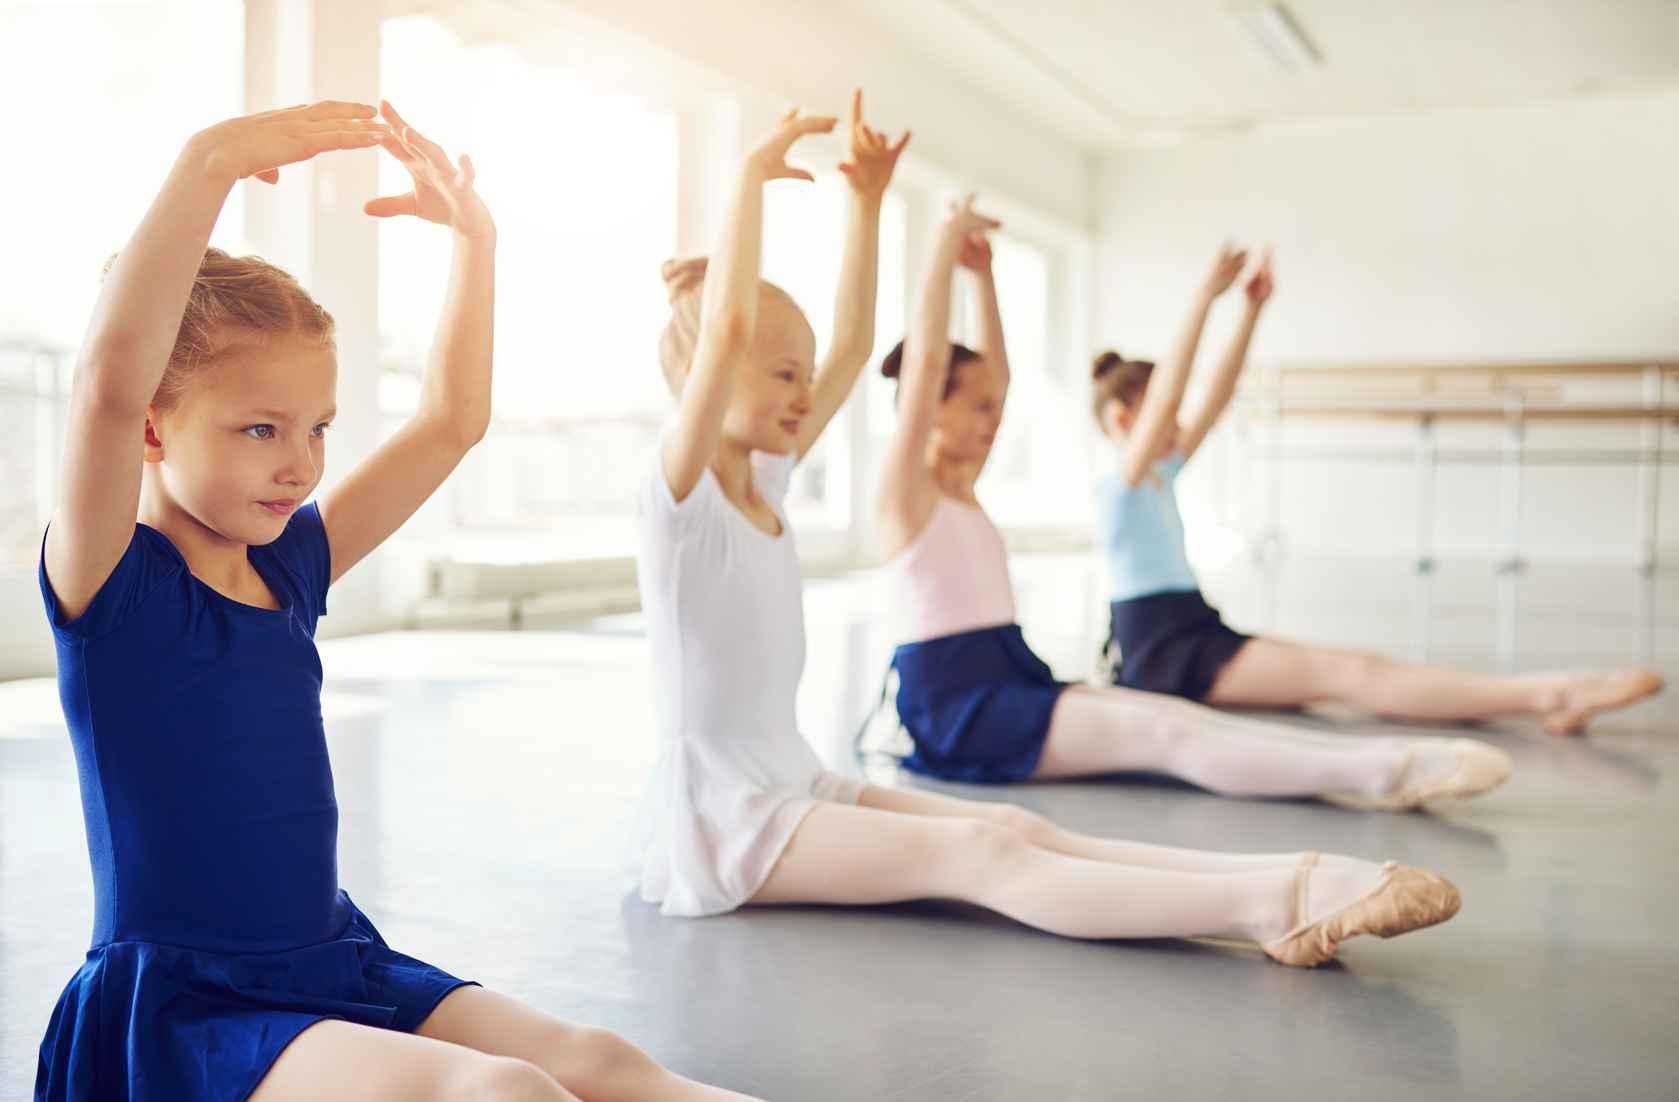 ballet-dancing-children-with-hands-up-sitting-in-SVPWQHZ.jpg